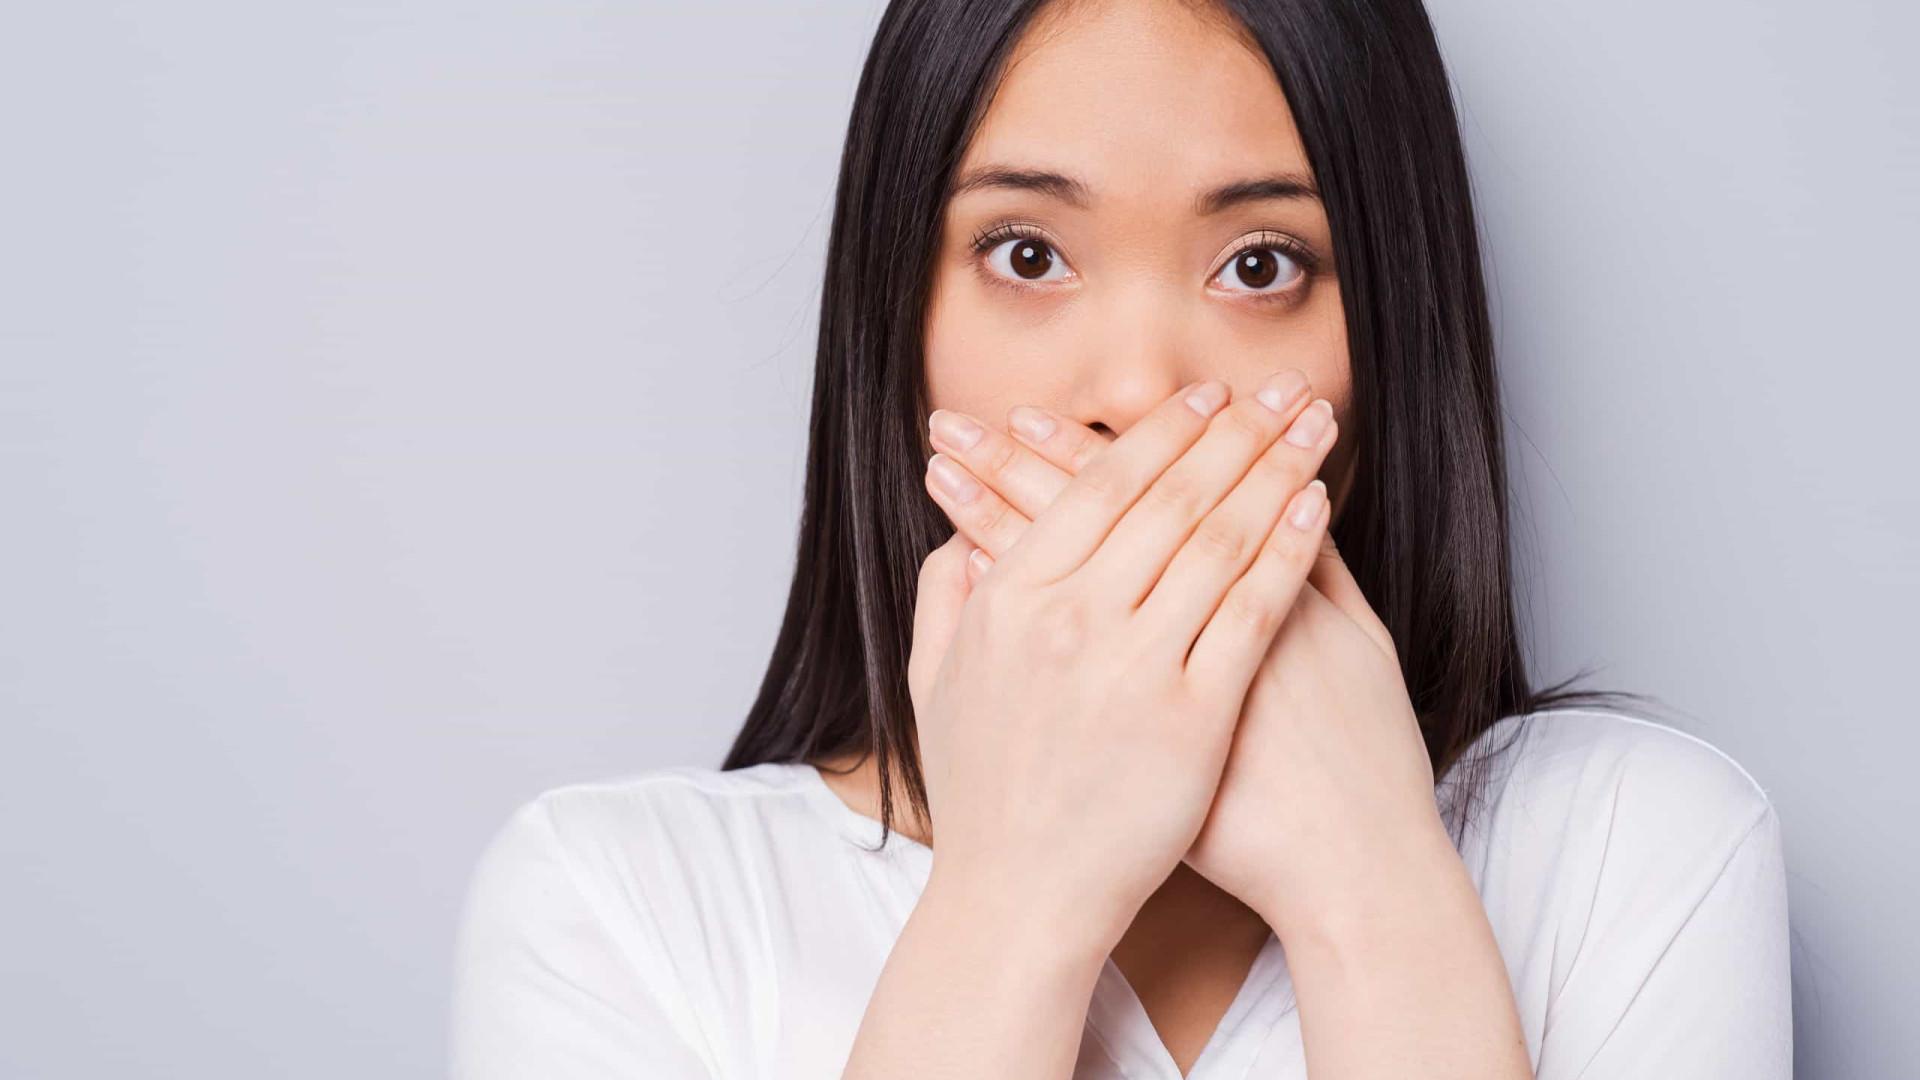 Estado da sua língua pode indicar se está faltando vitamina D no corpo